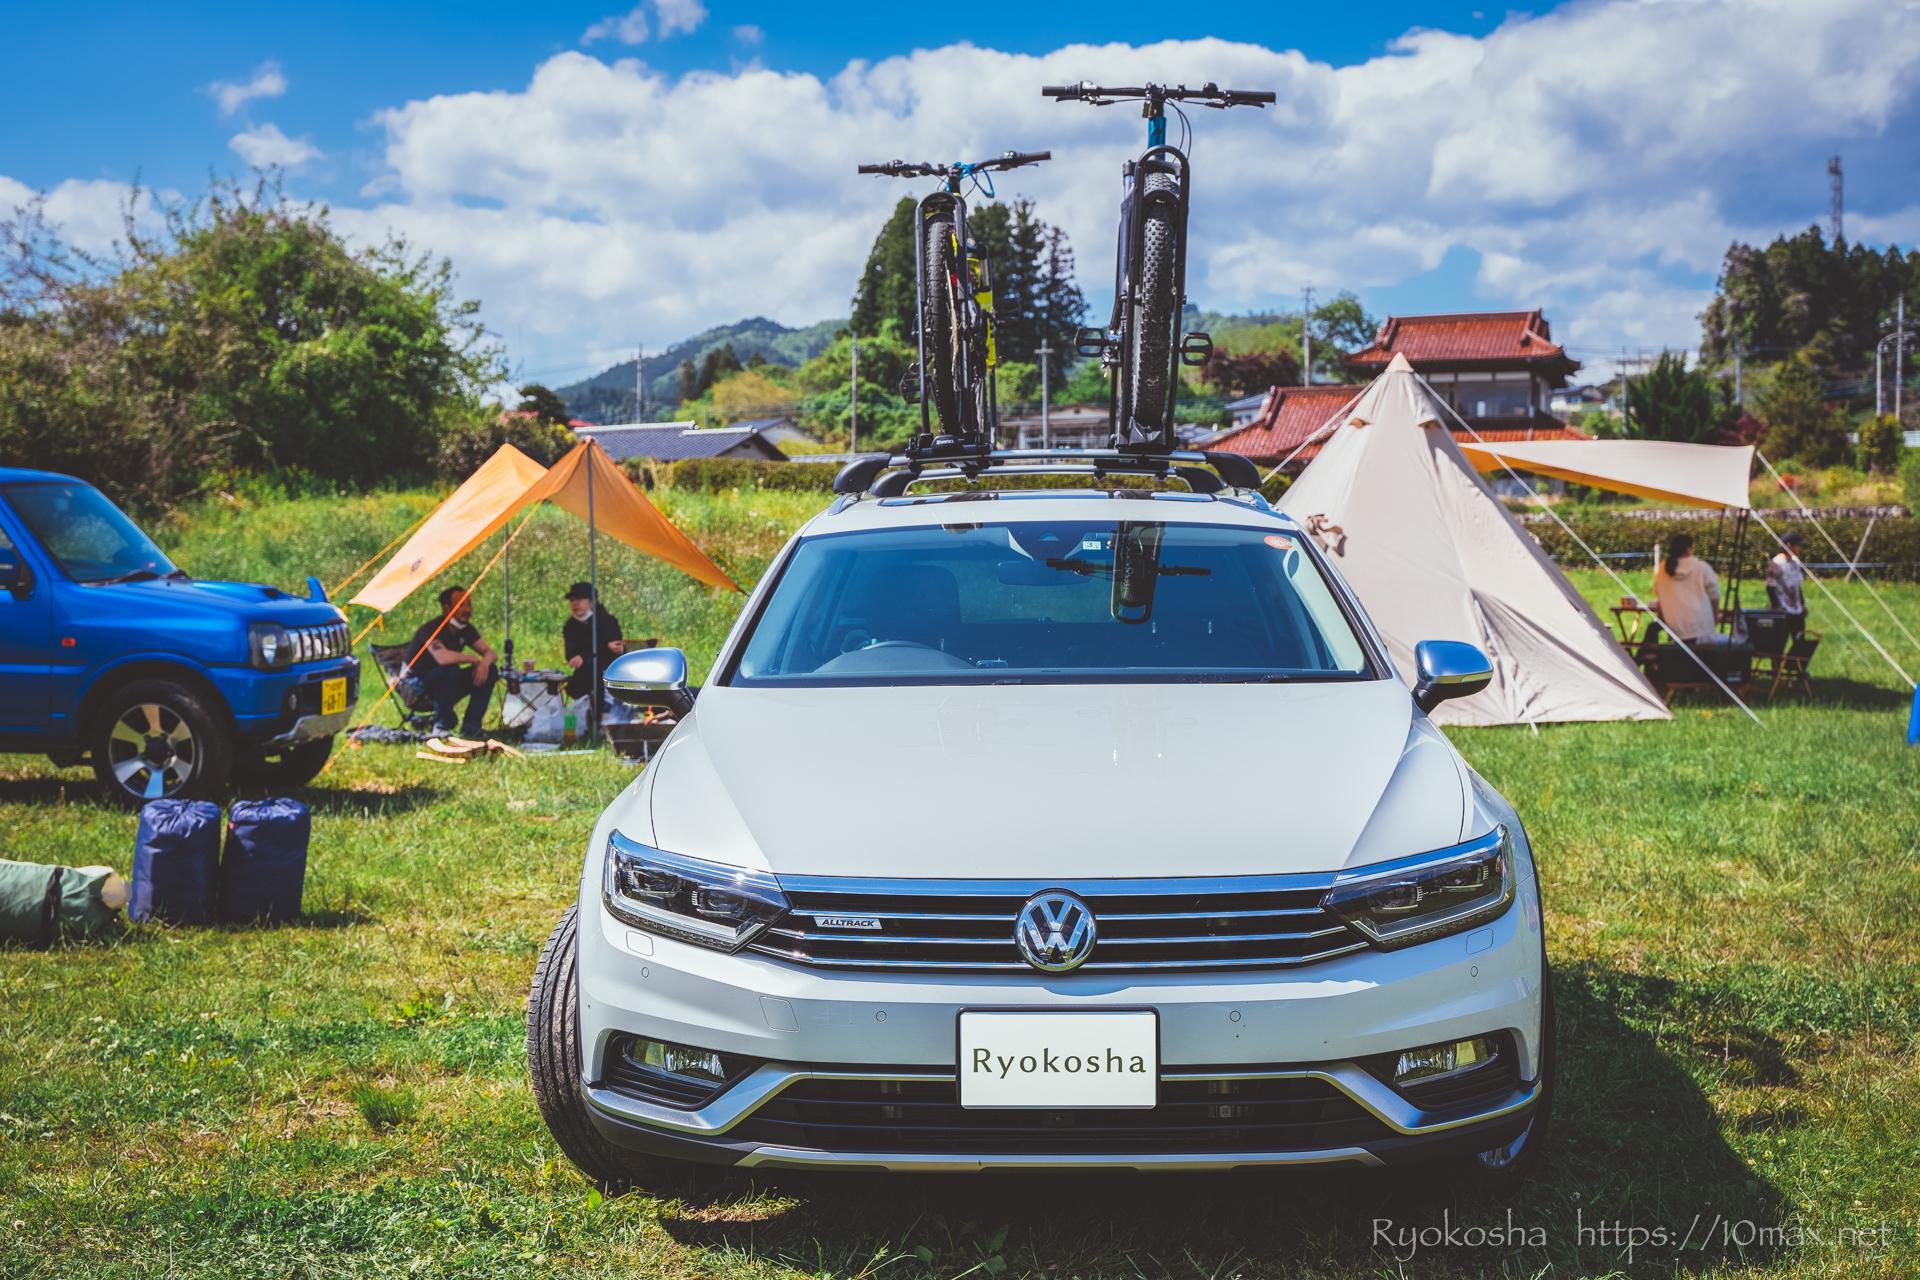 上小川キャンプ場 パサートオールトラック ルーフトップサイクルキャリア INNO INA389 タイヤホールド2